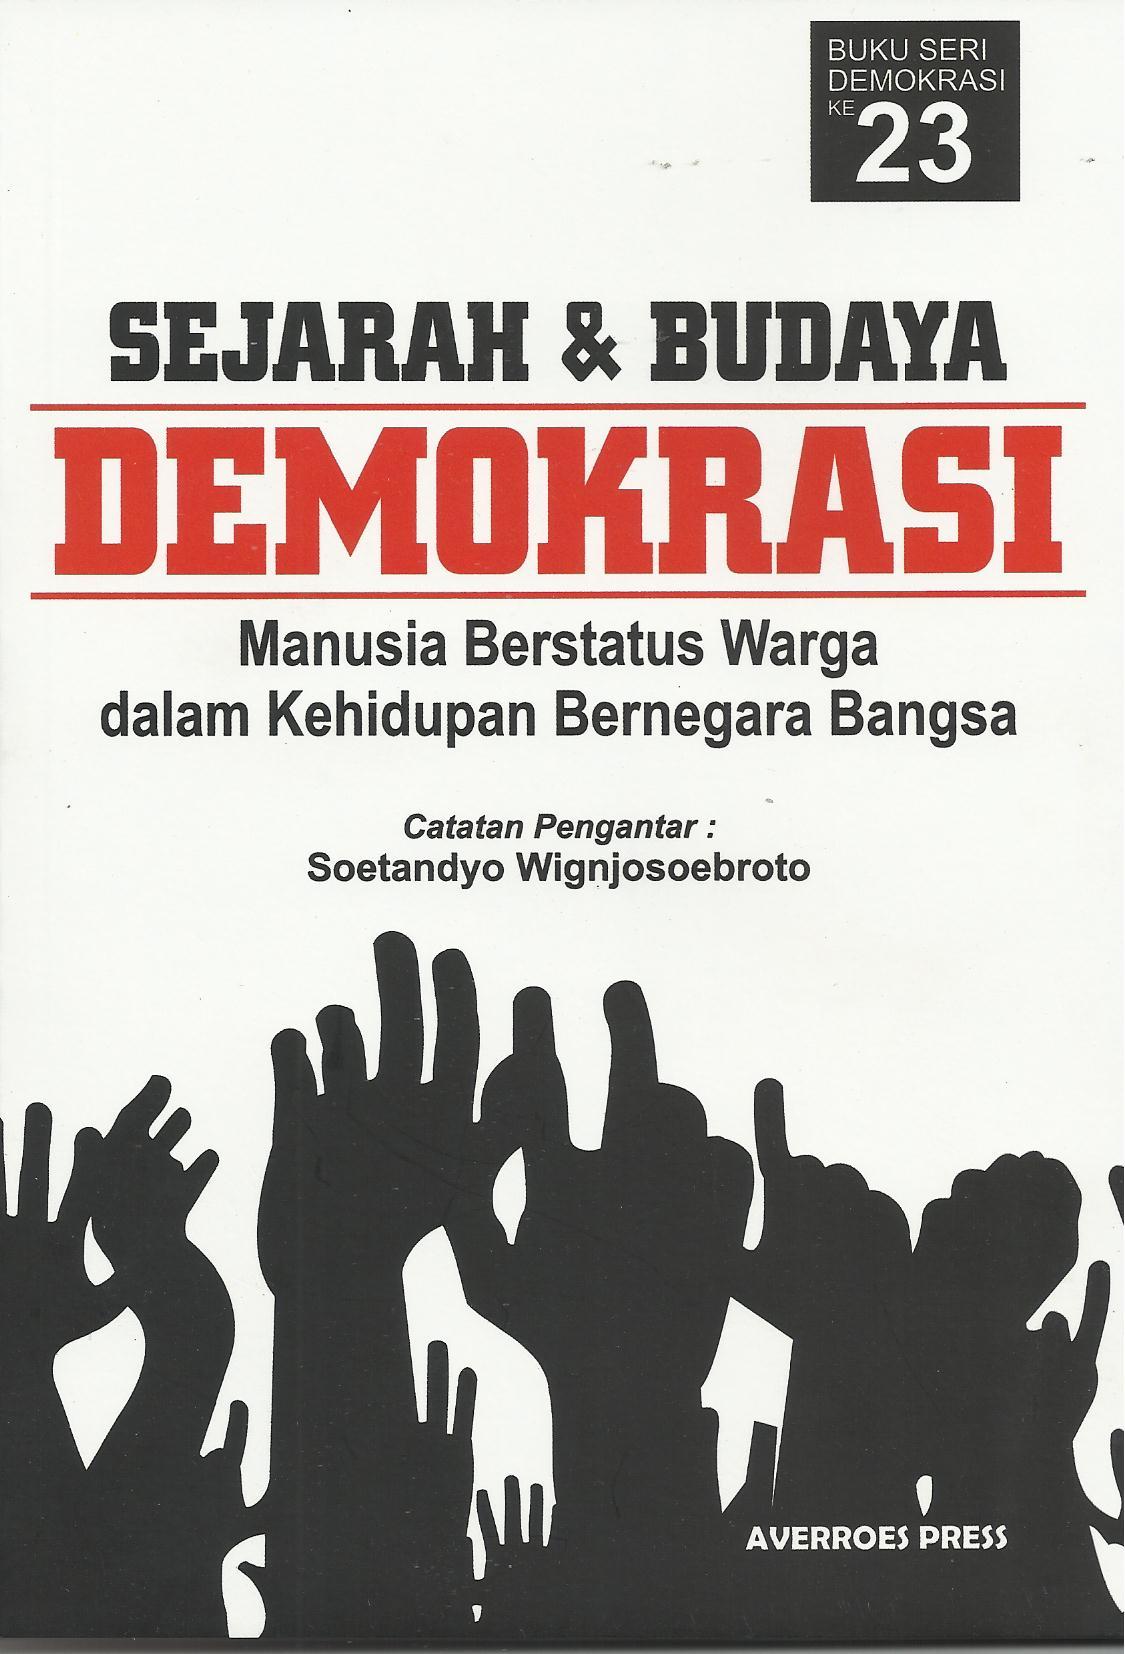 Sejarah dan Budaya Demokrasi